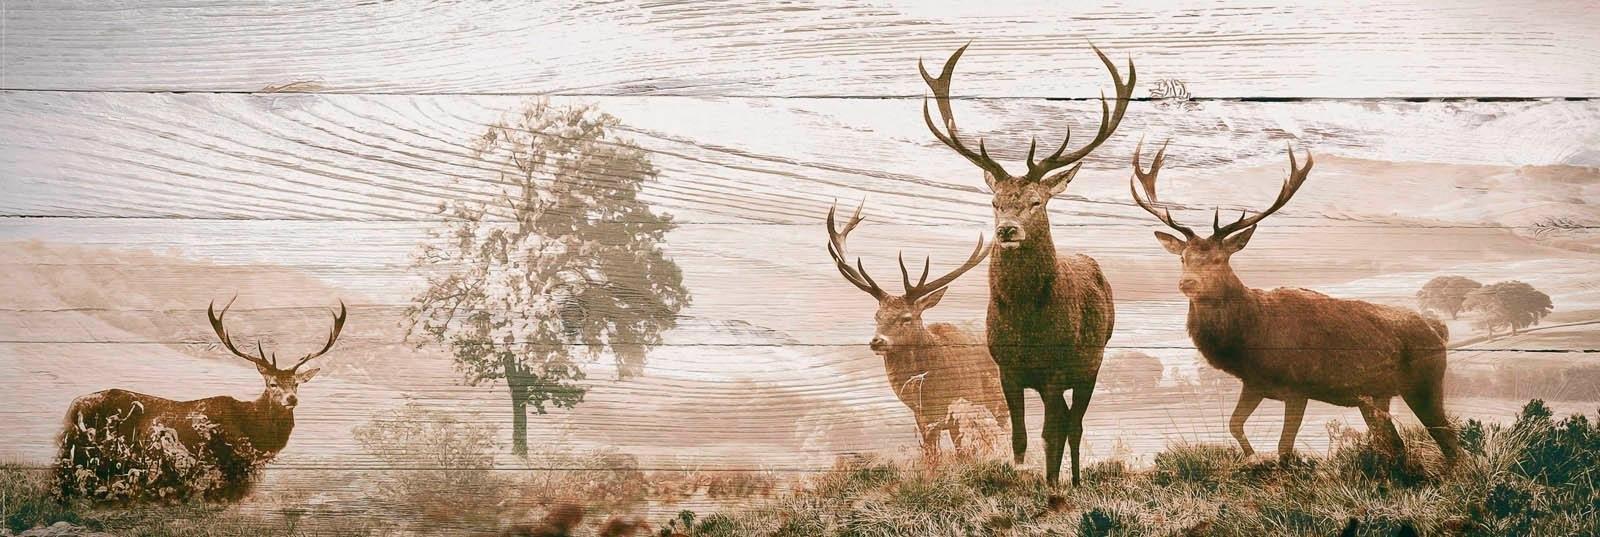 Reinders! Decoratief paneel Edelherten 156x52 cm goedkoop op otto.nl kopen